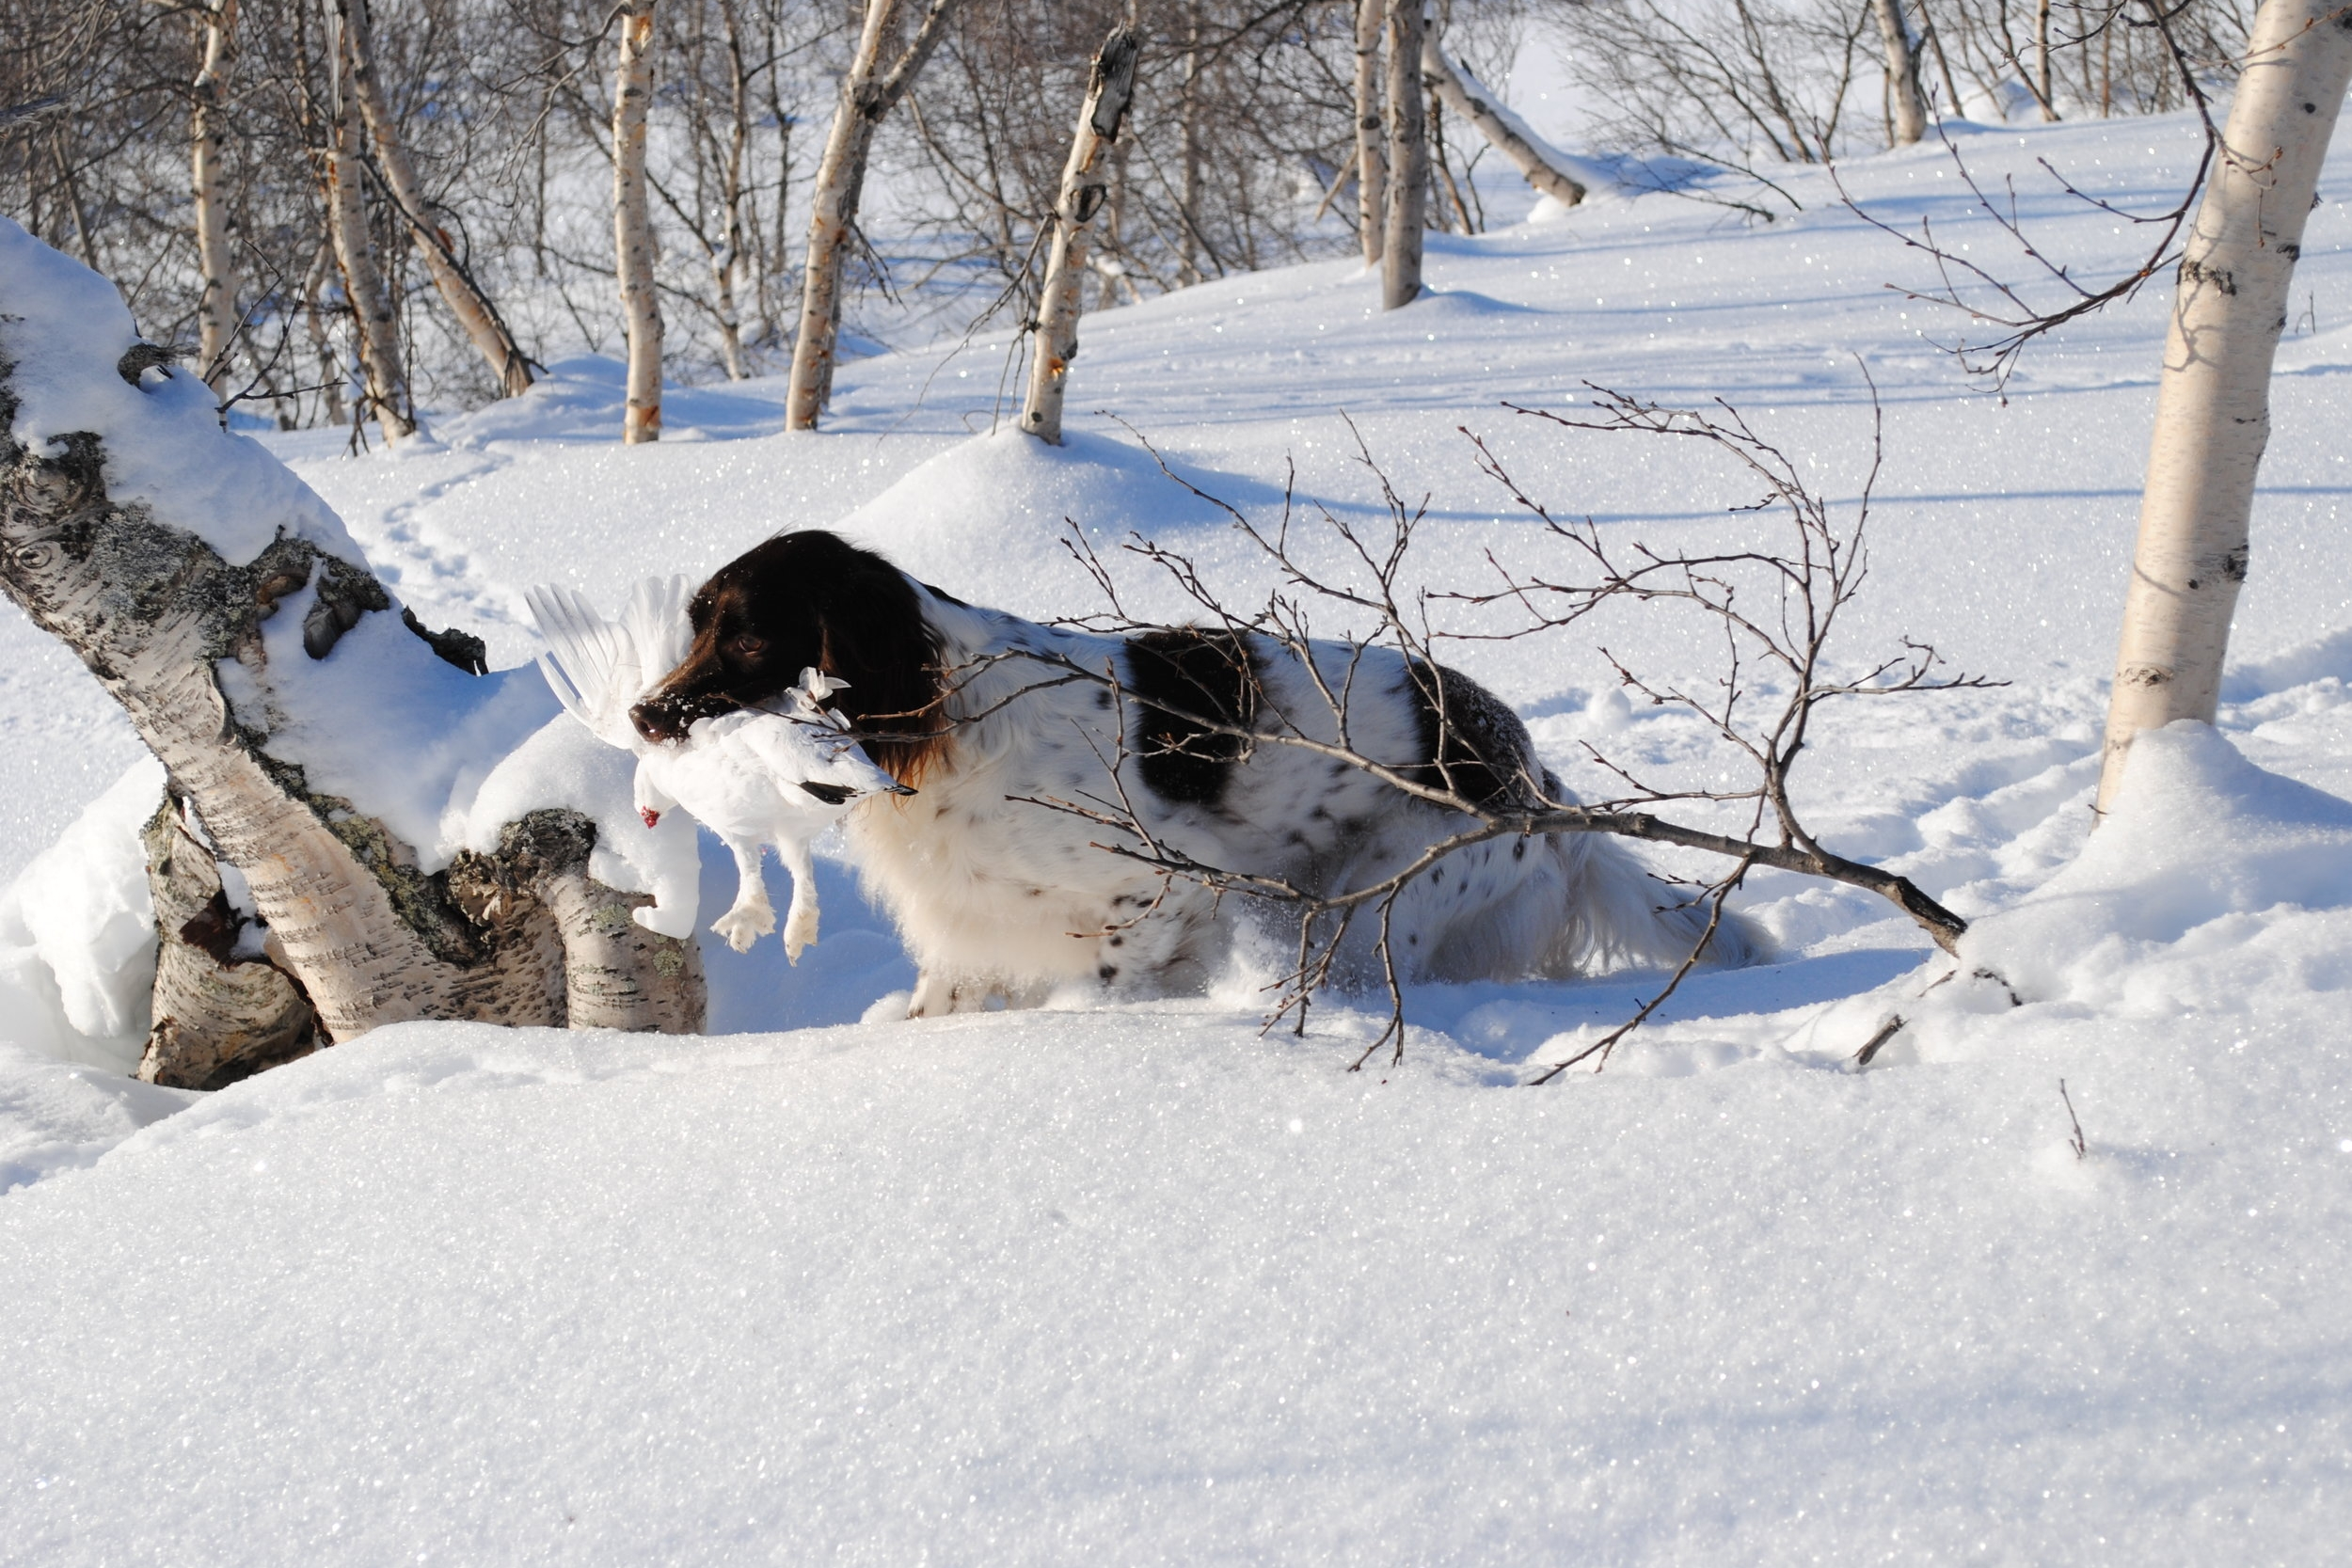 Treningsfelt for fuglehund - Har du og fuglehunden lyst til å trene i Skjåk?